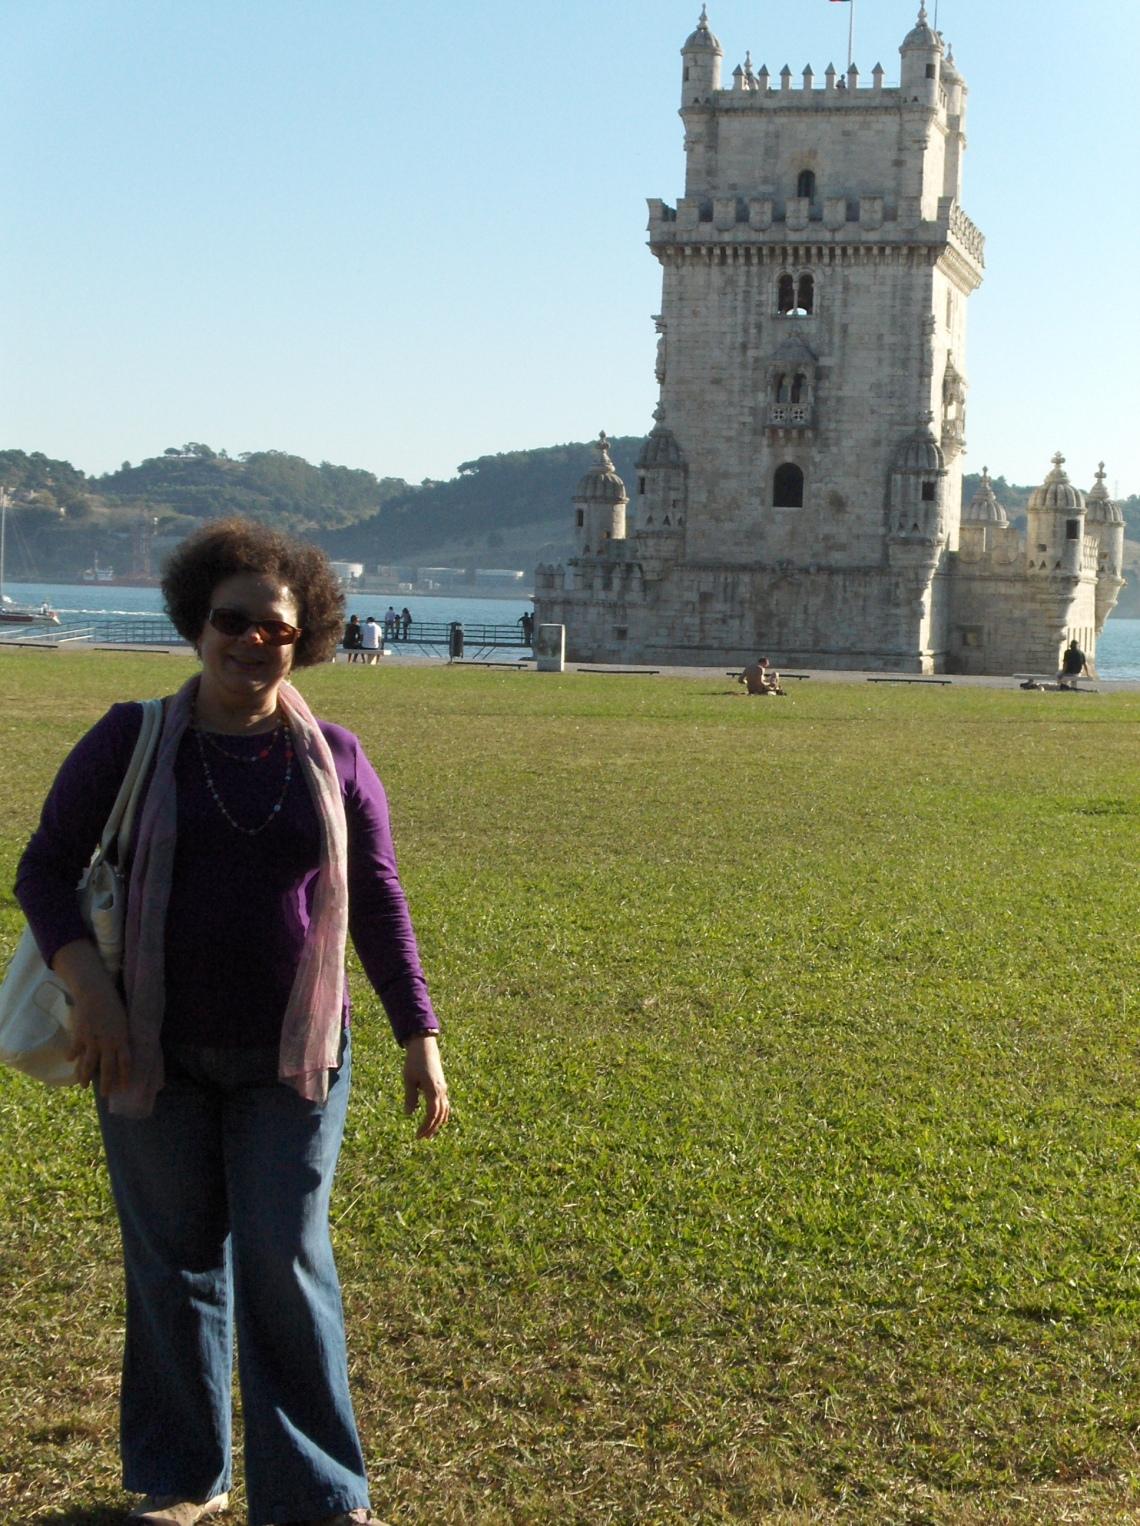 Graça em frente à Torre de Belém